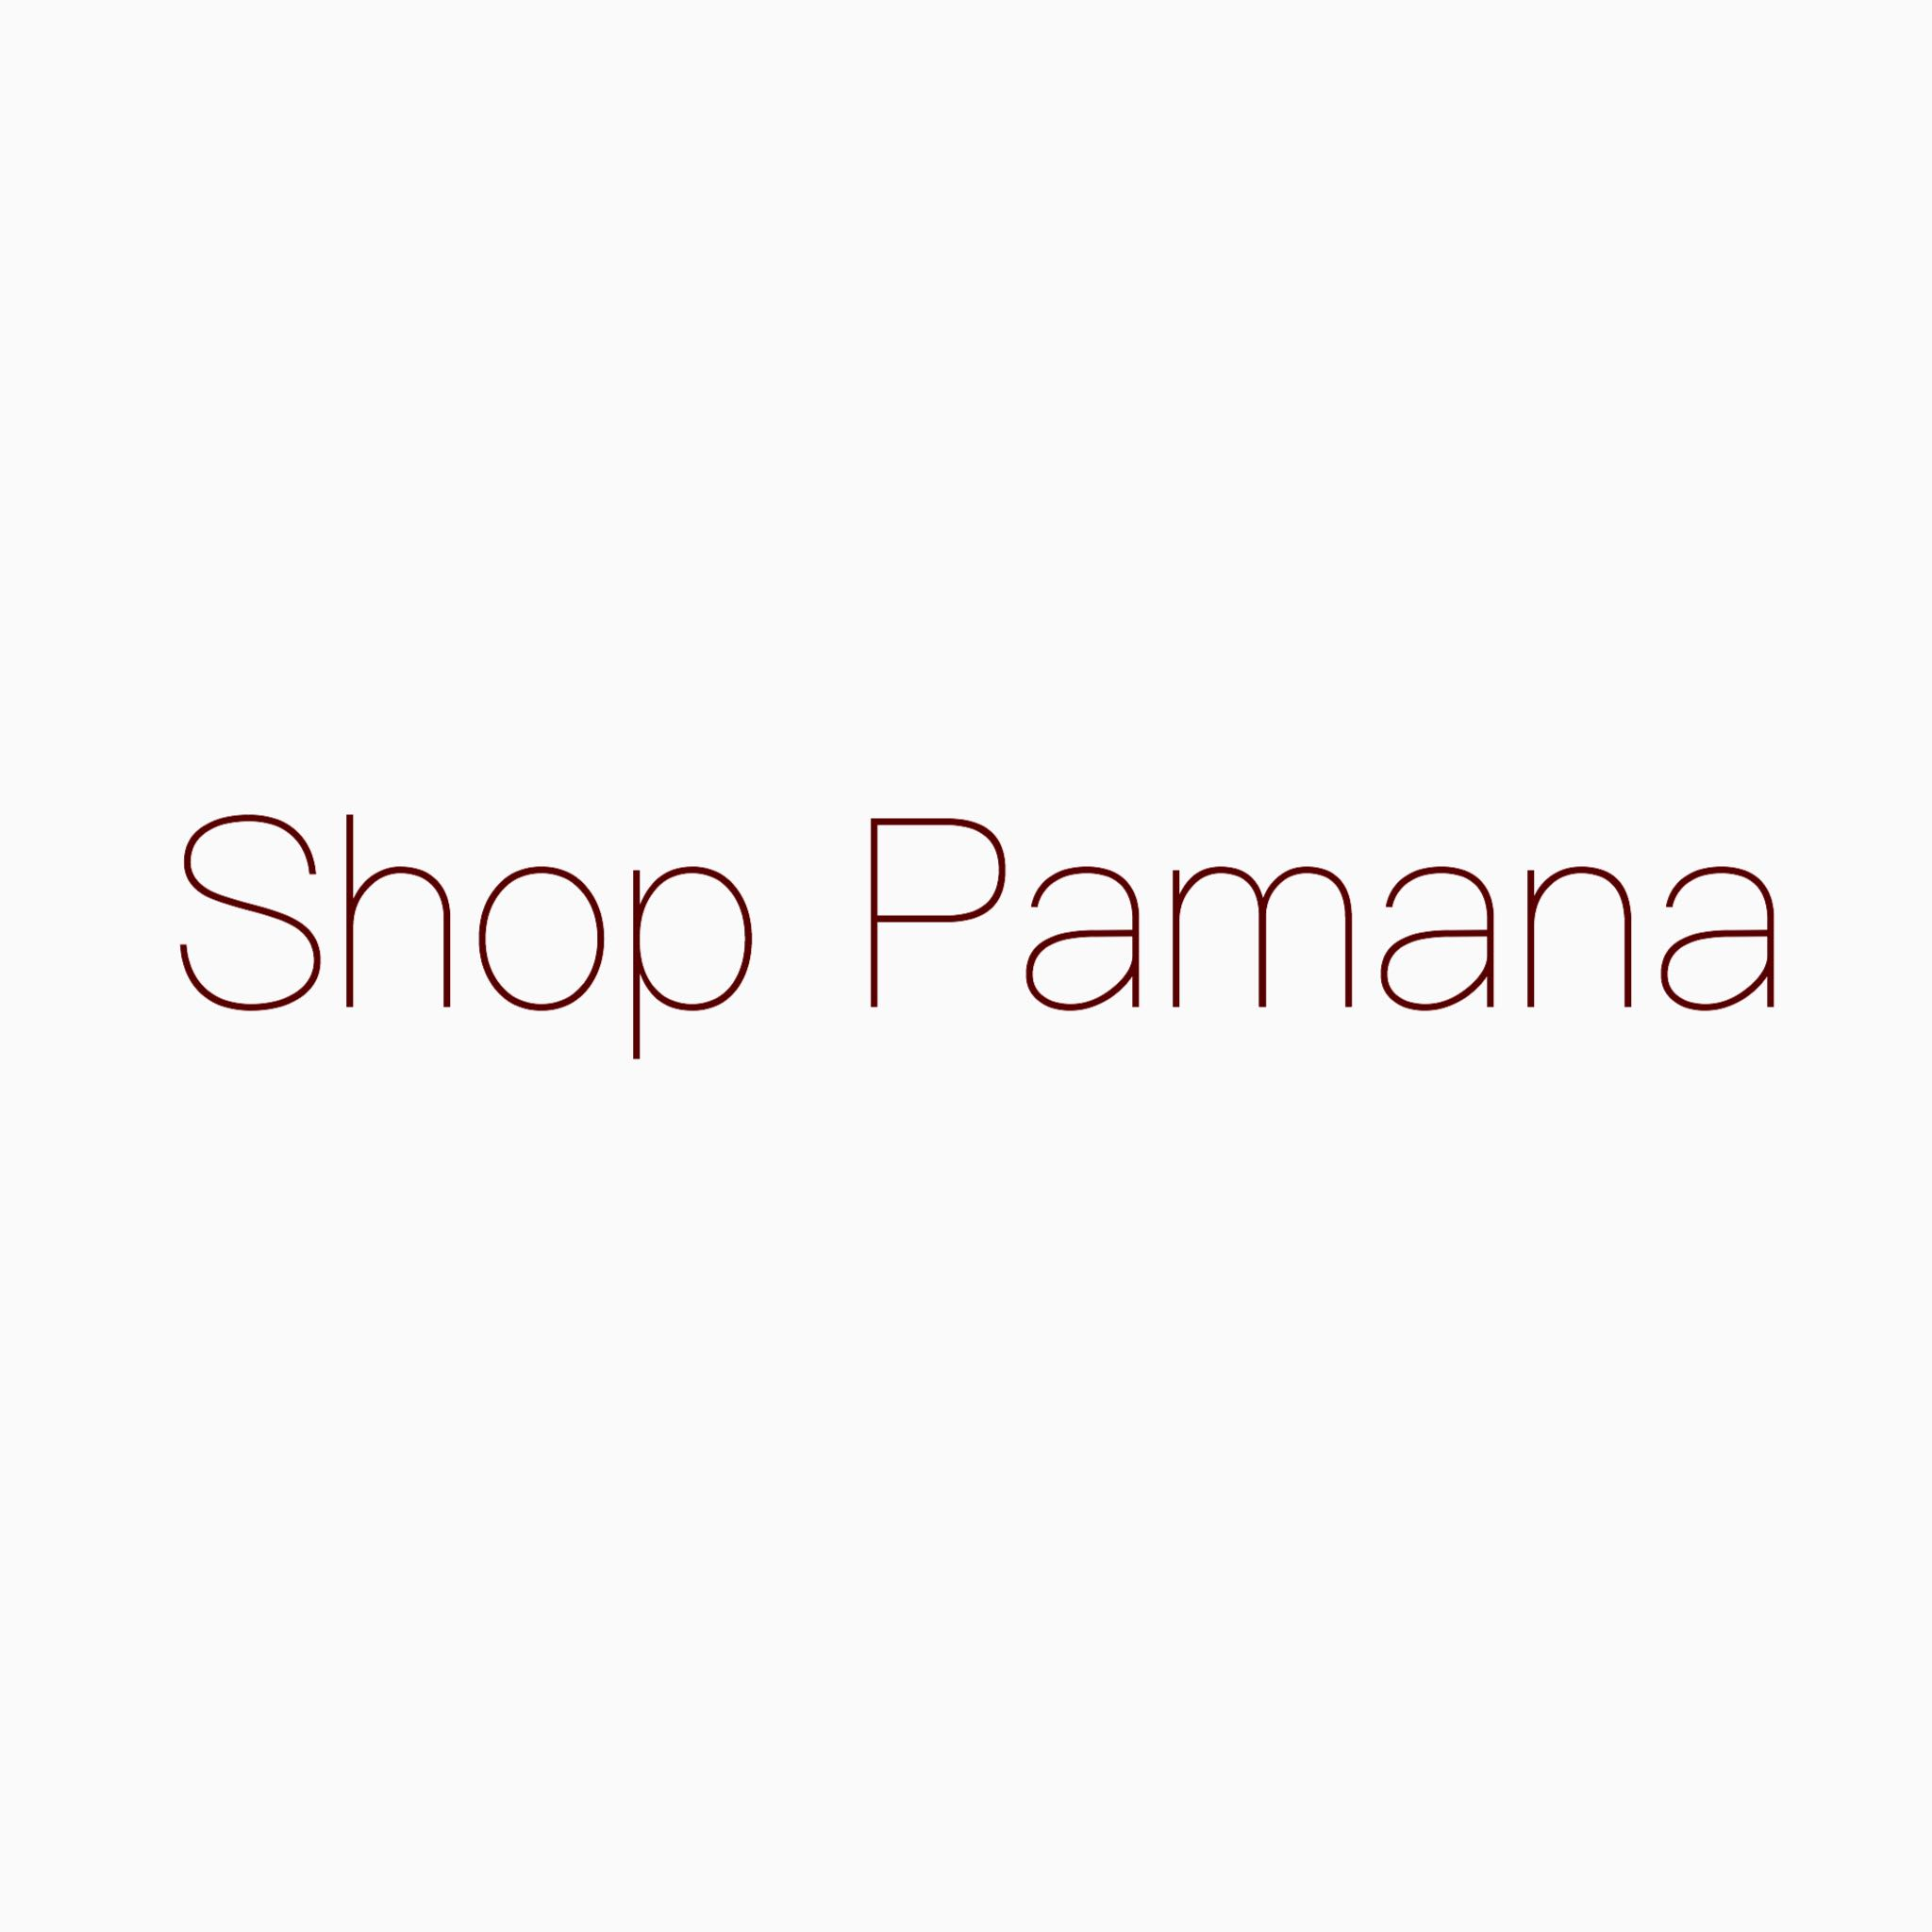 shoppamana